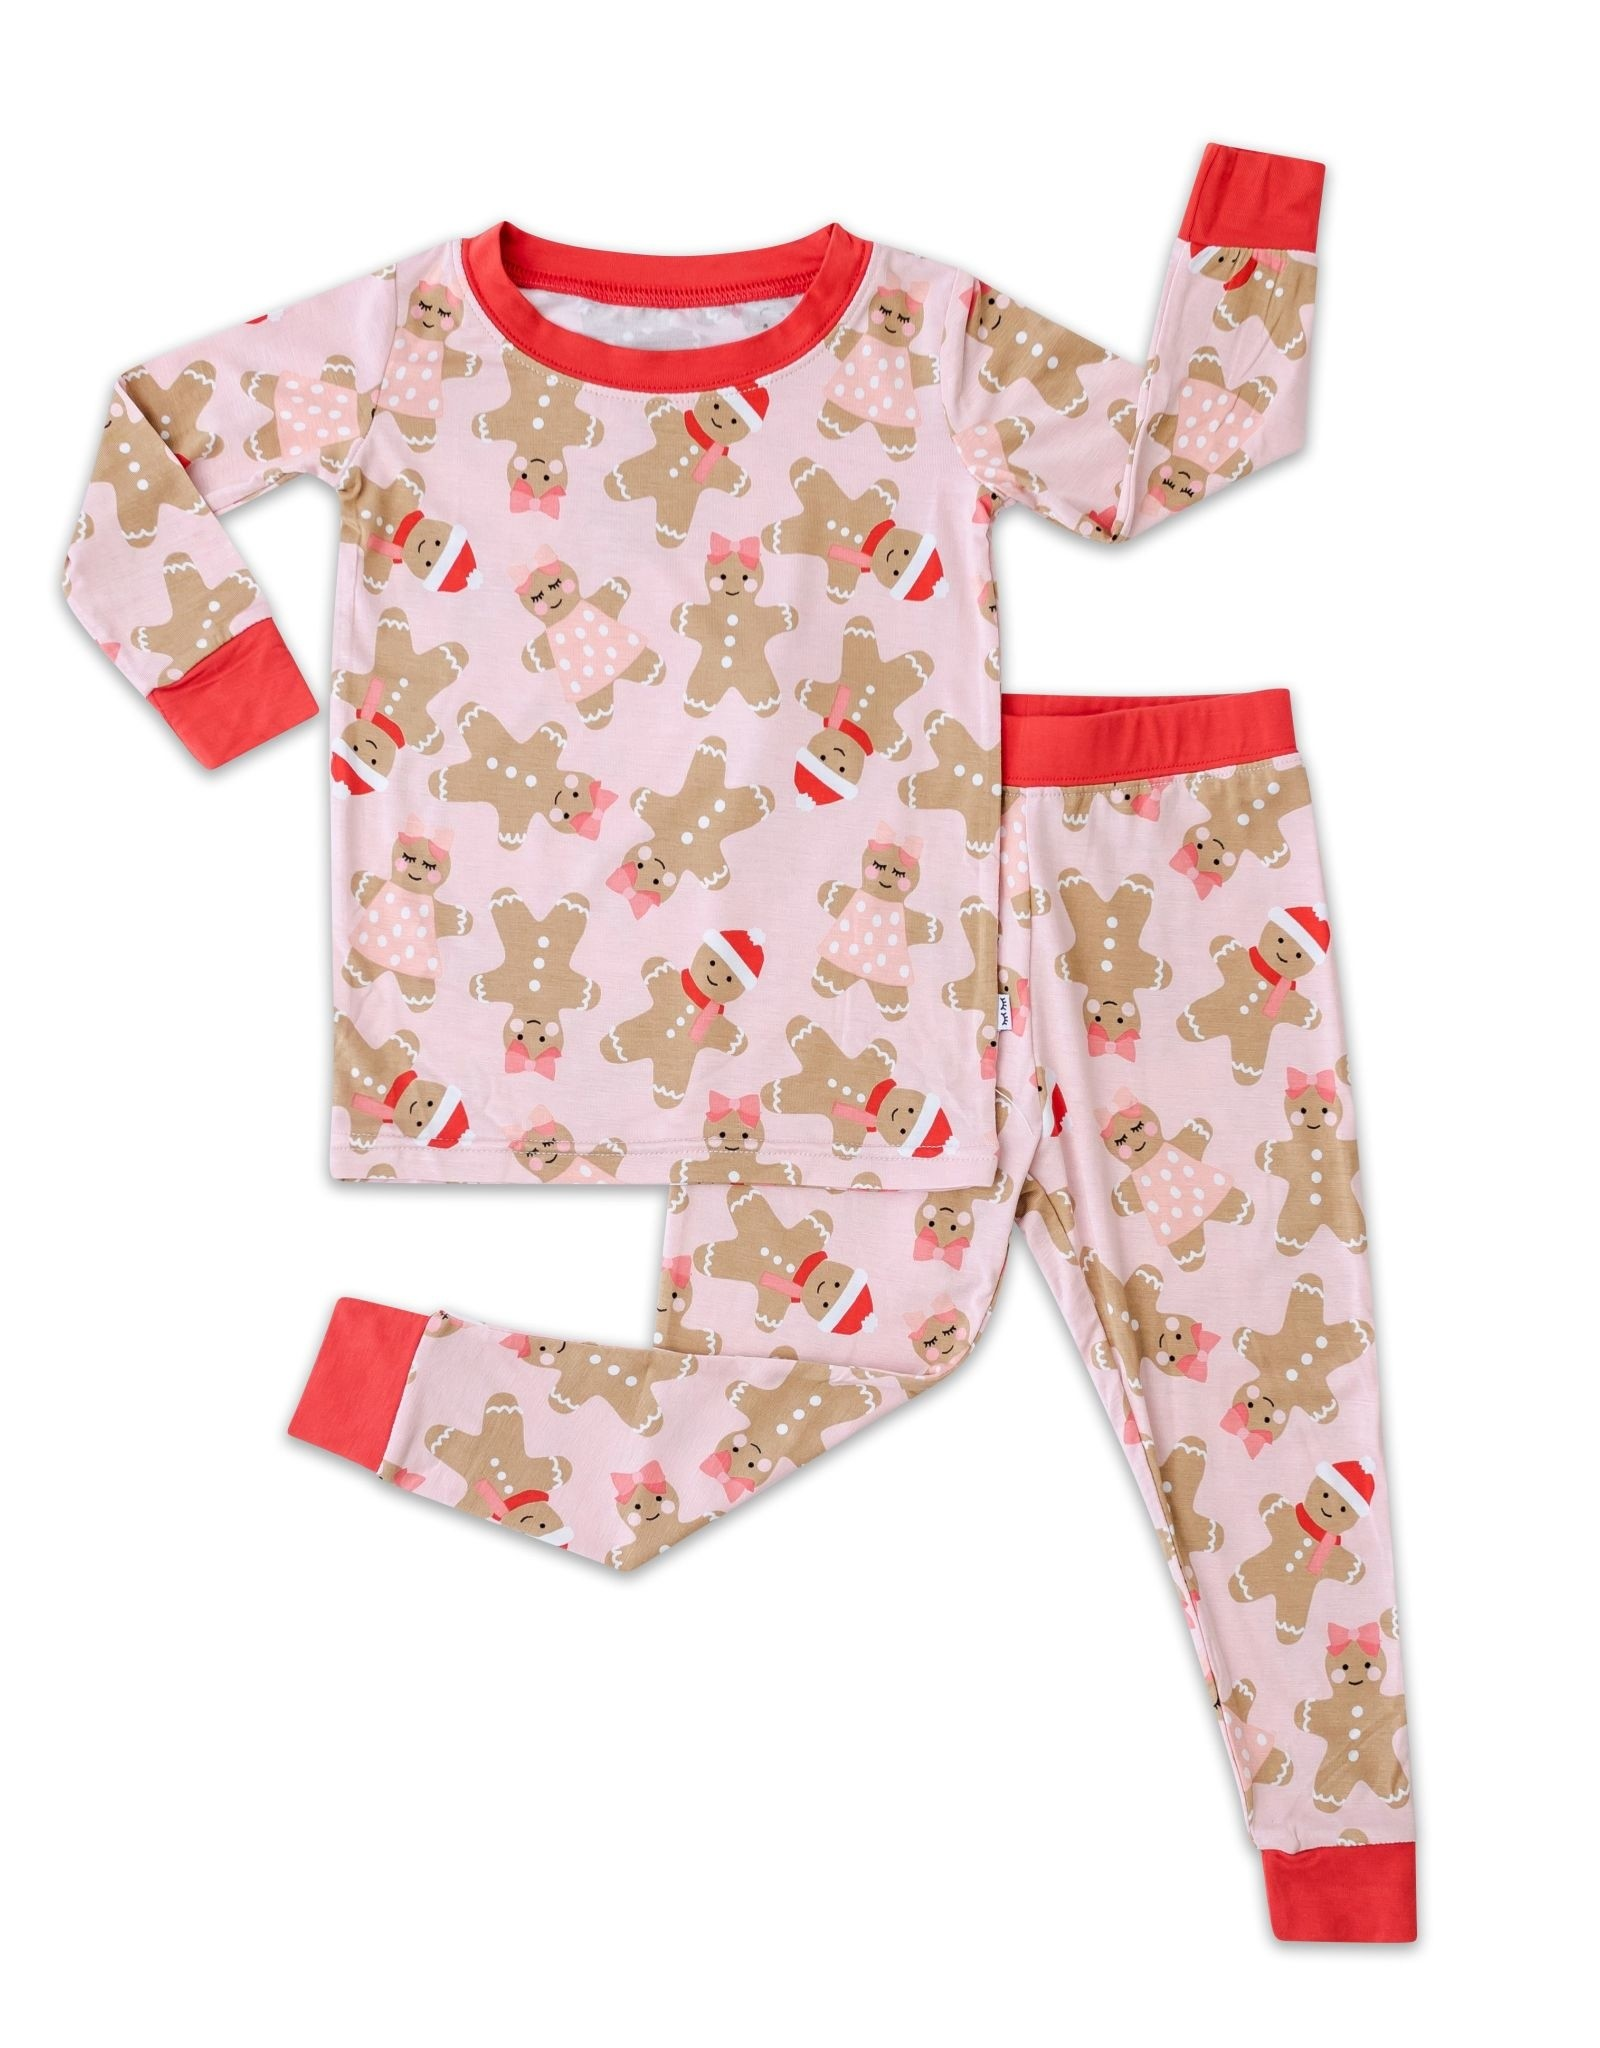 Little Sleepies pink gingerbread pajamas